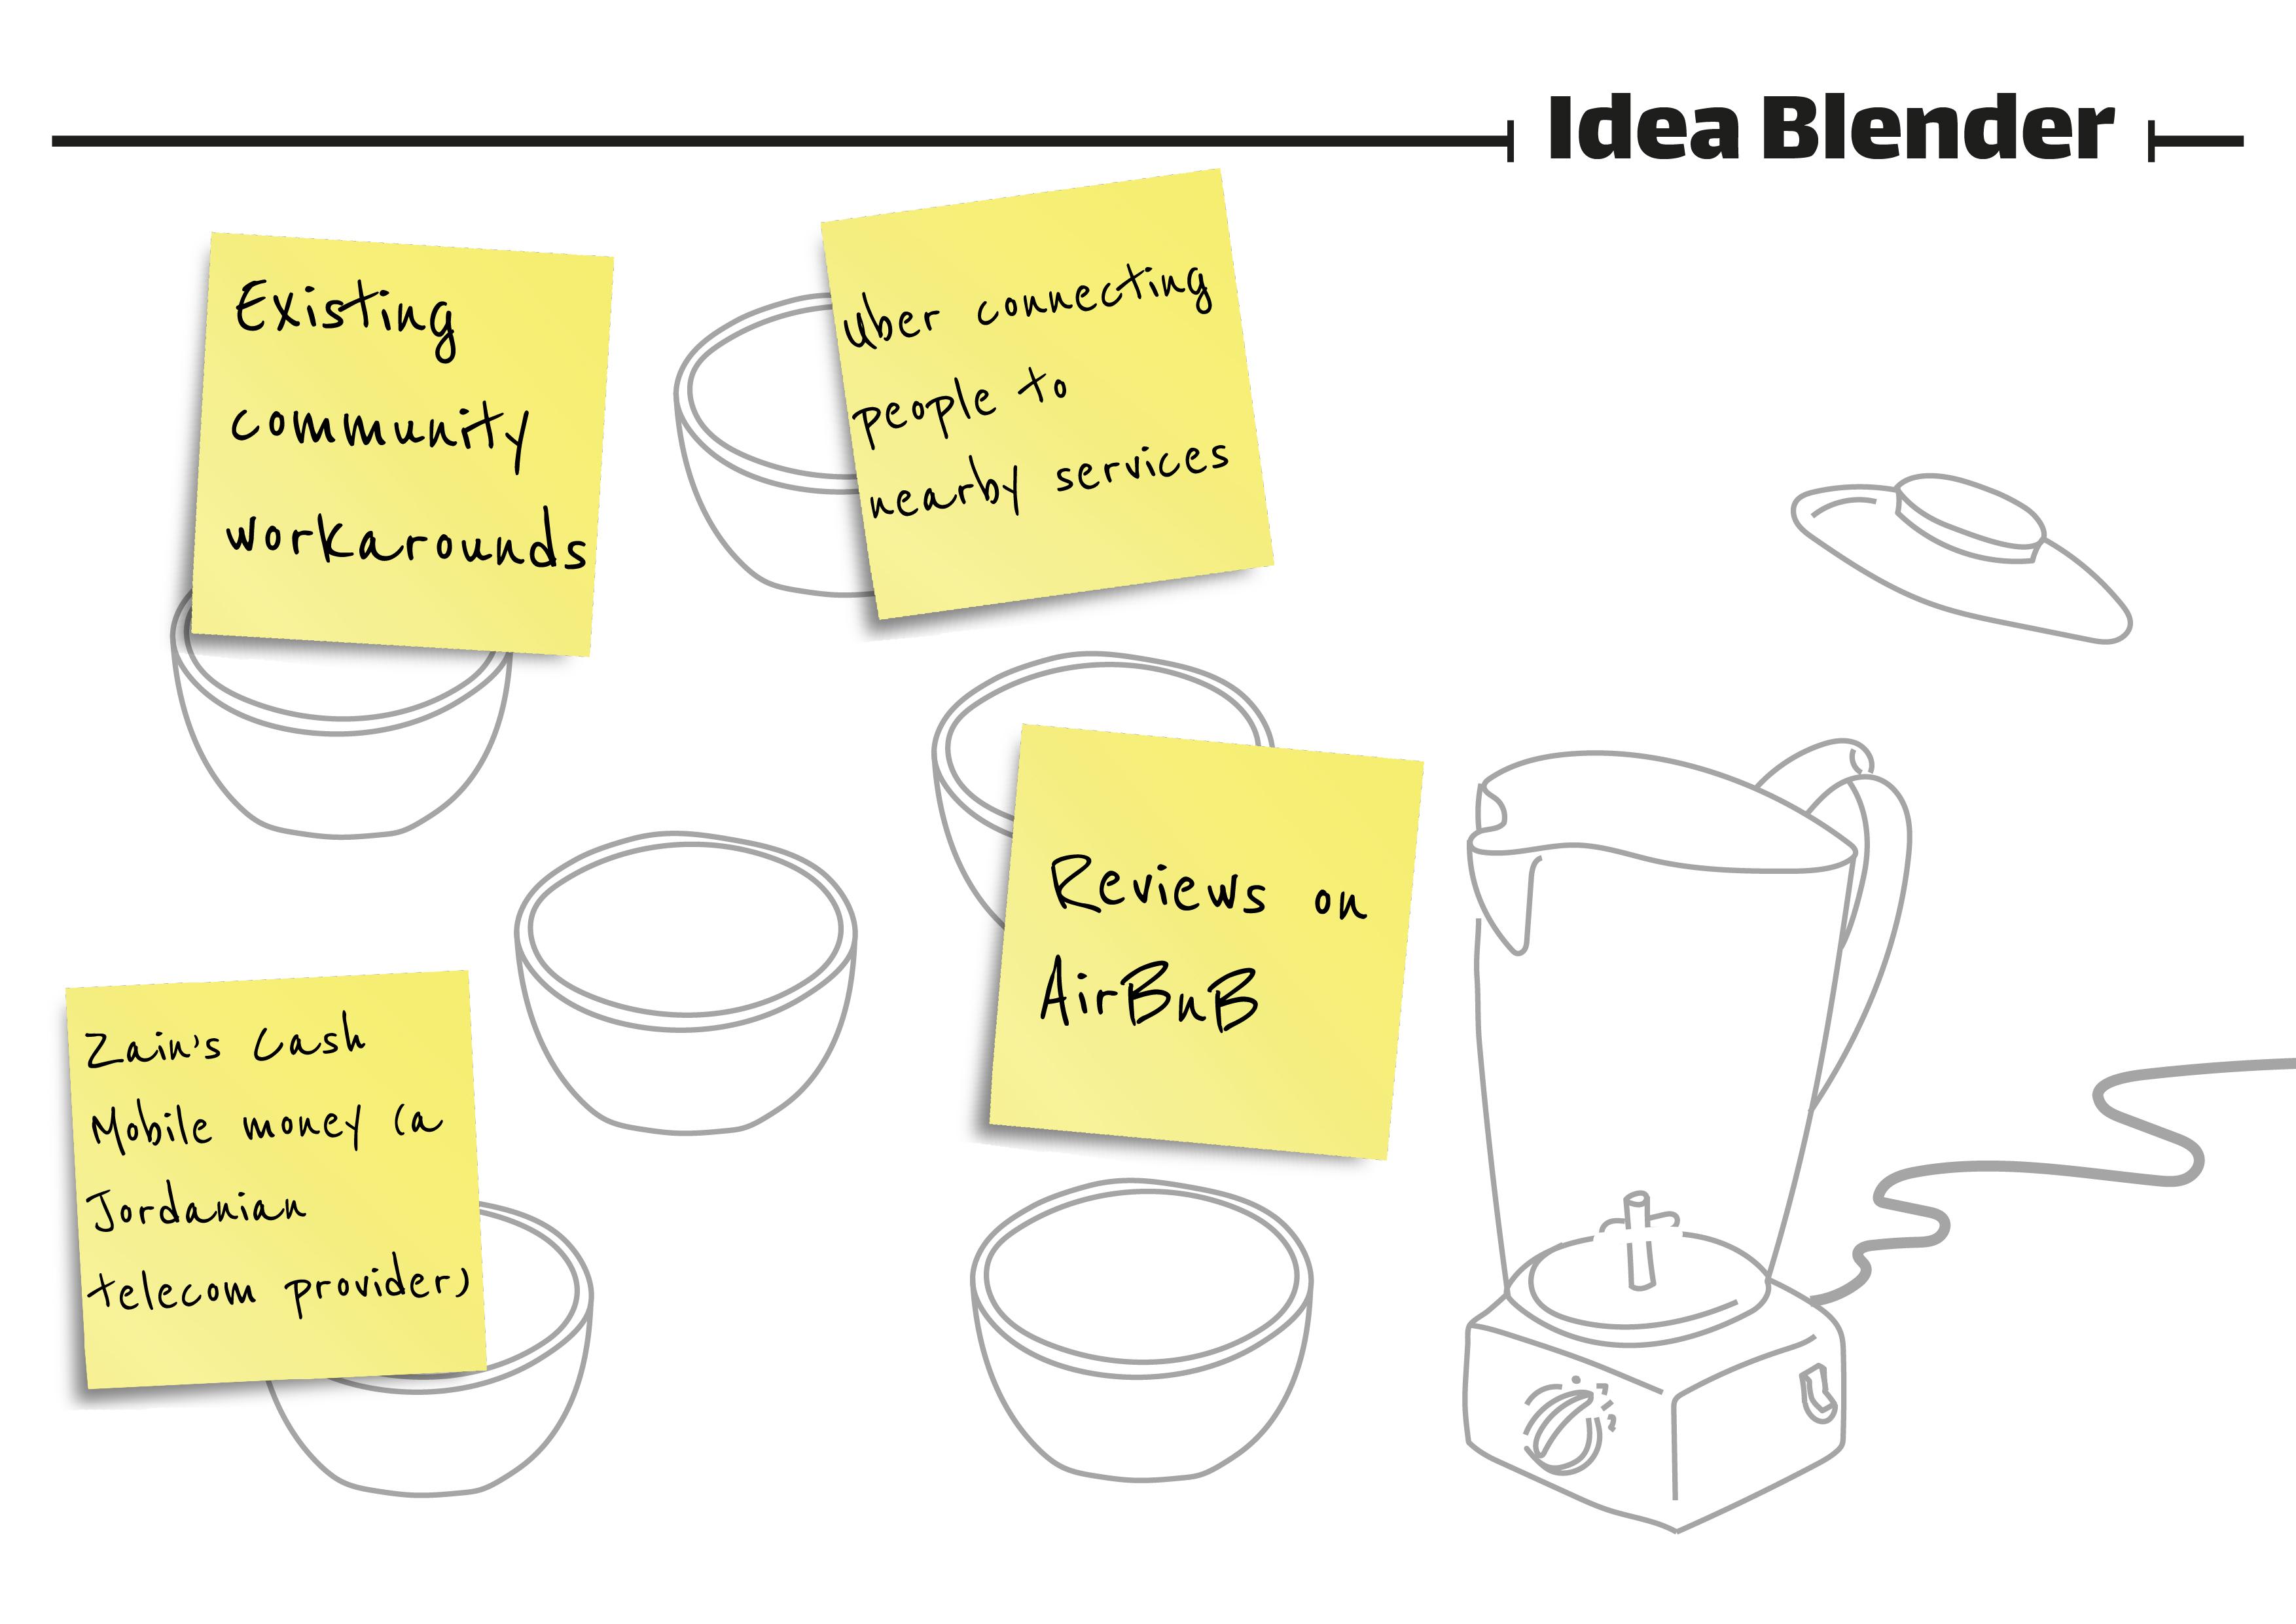 Idea Blender image